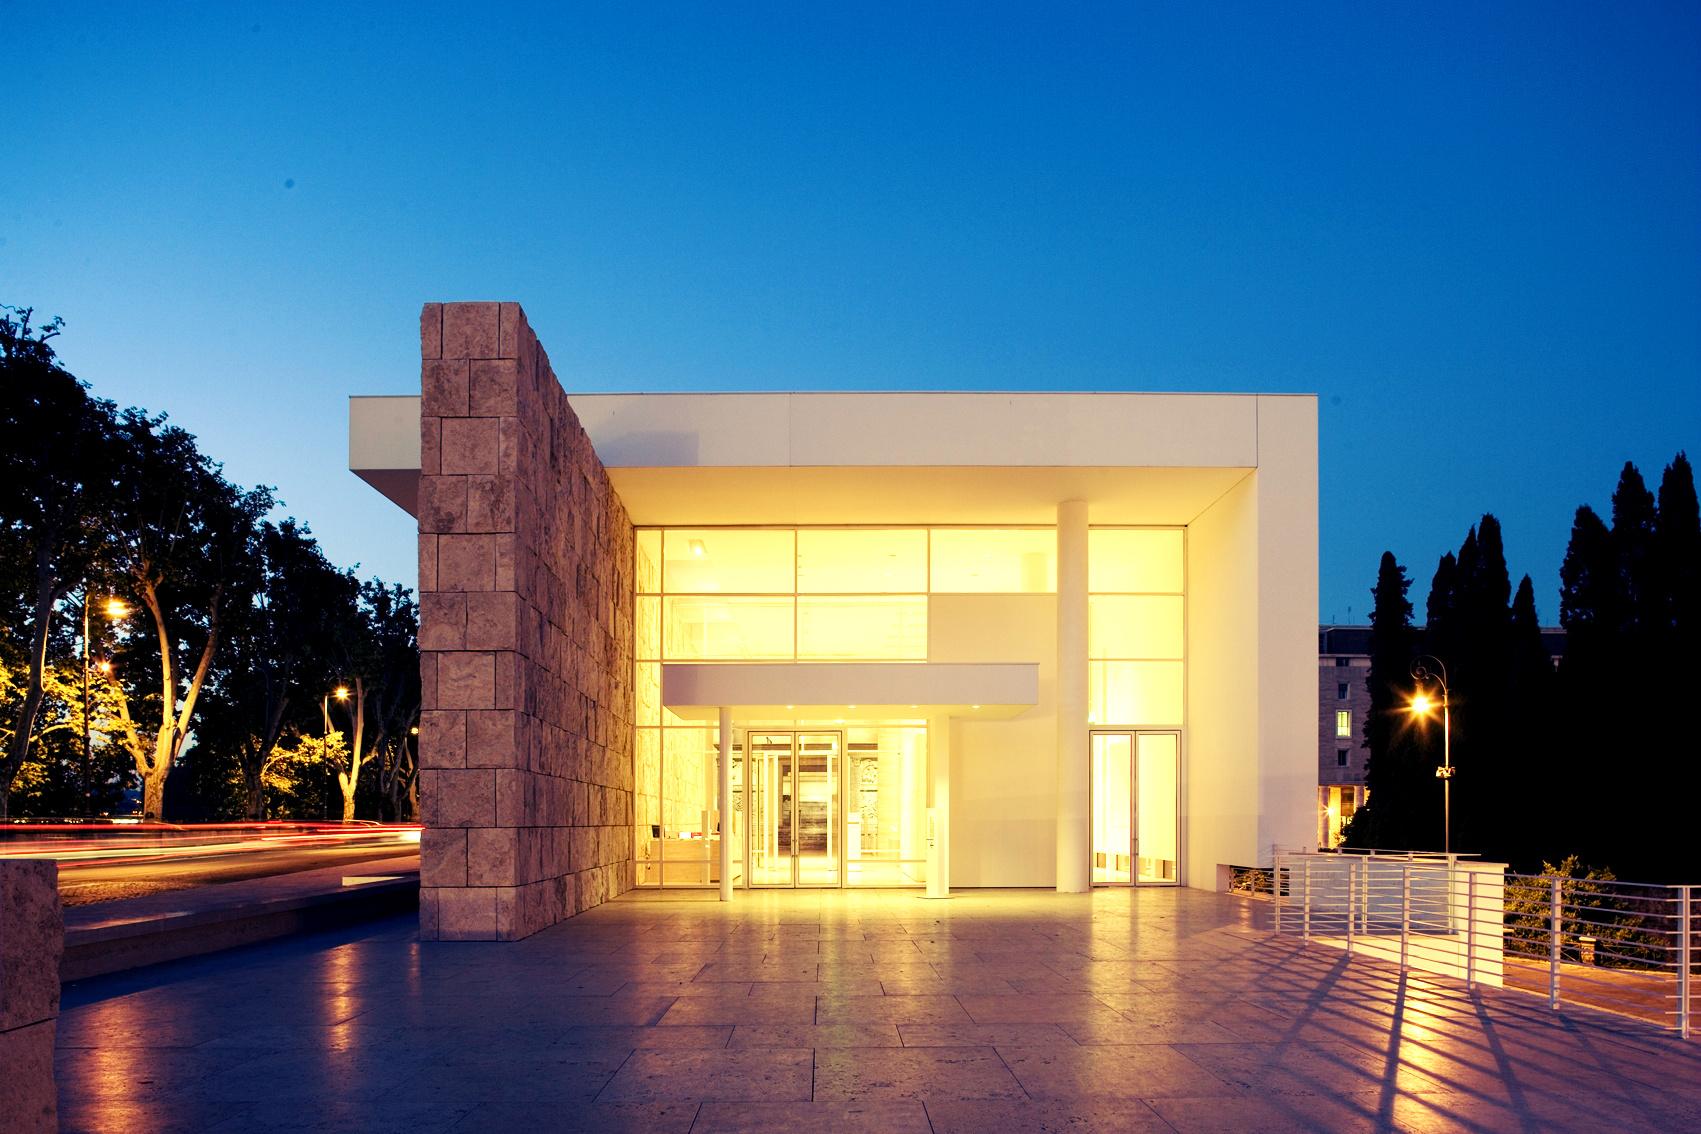 La sfida del contemporaneo roma e atene a confronto 25 for Architettura moderna e contemporanea